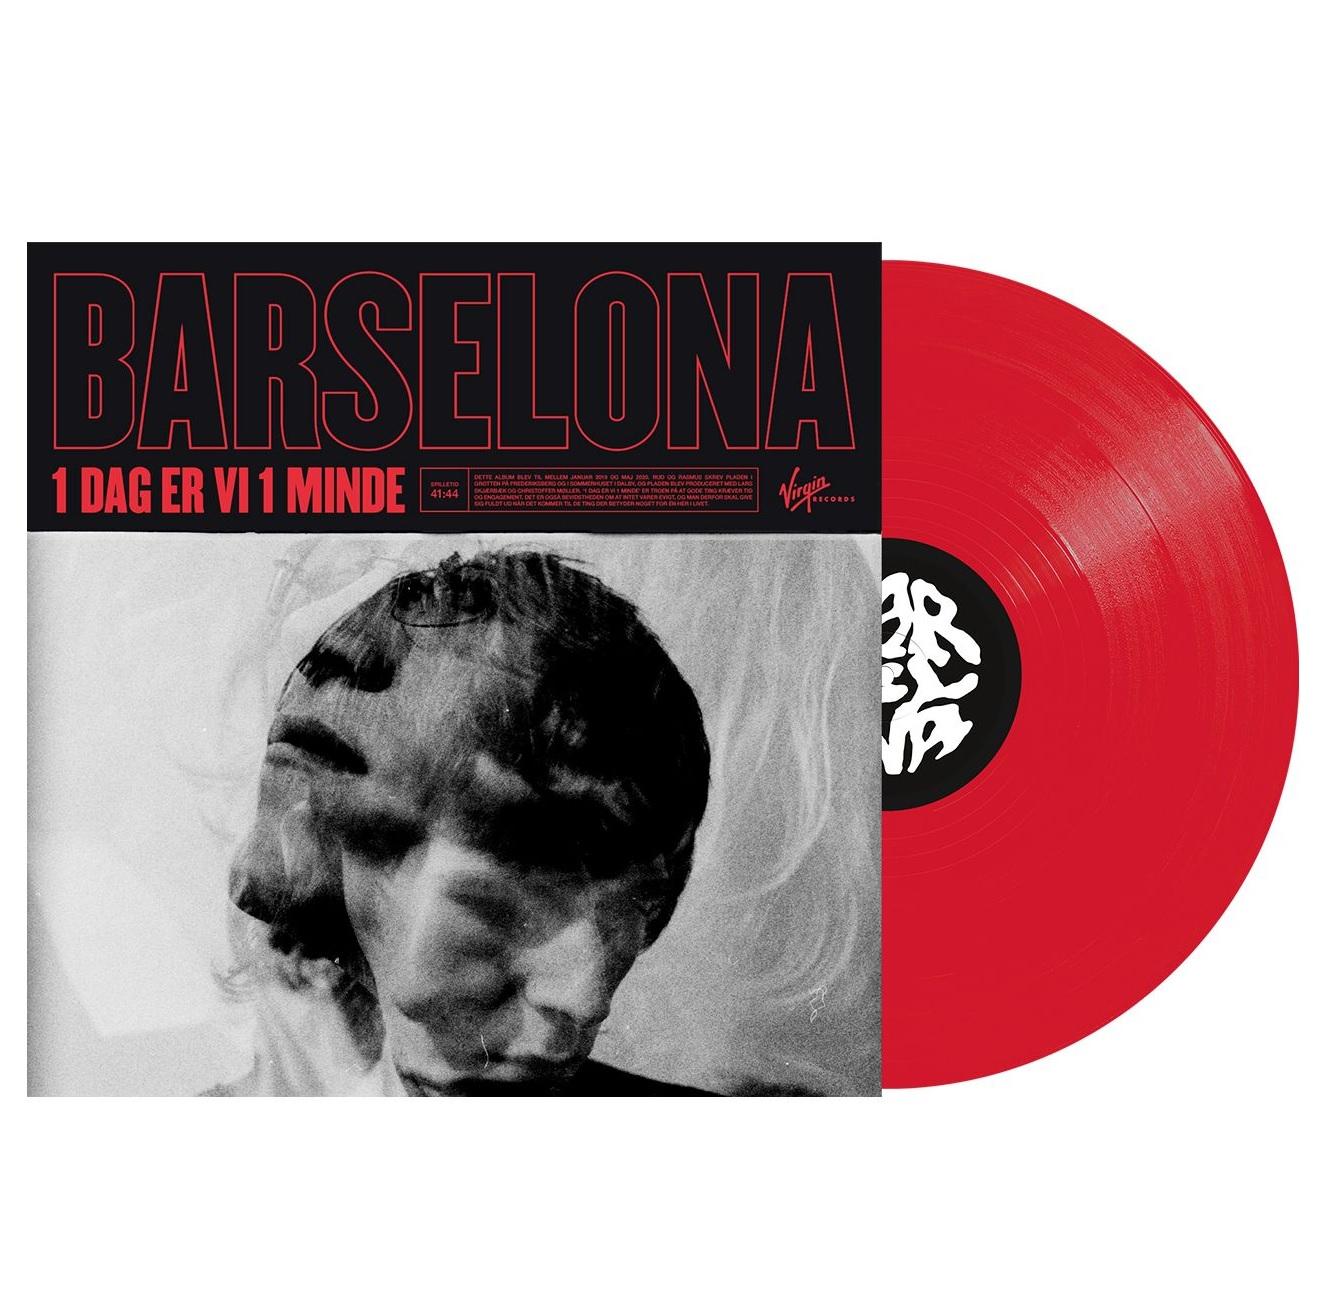 1 Dag Er Vi 1 Minde - Rød vinyl - Barselona - Musik - Universal Music - 0602507393526 - 18/9-2020